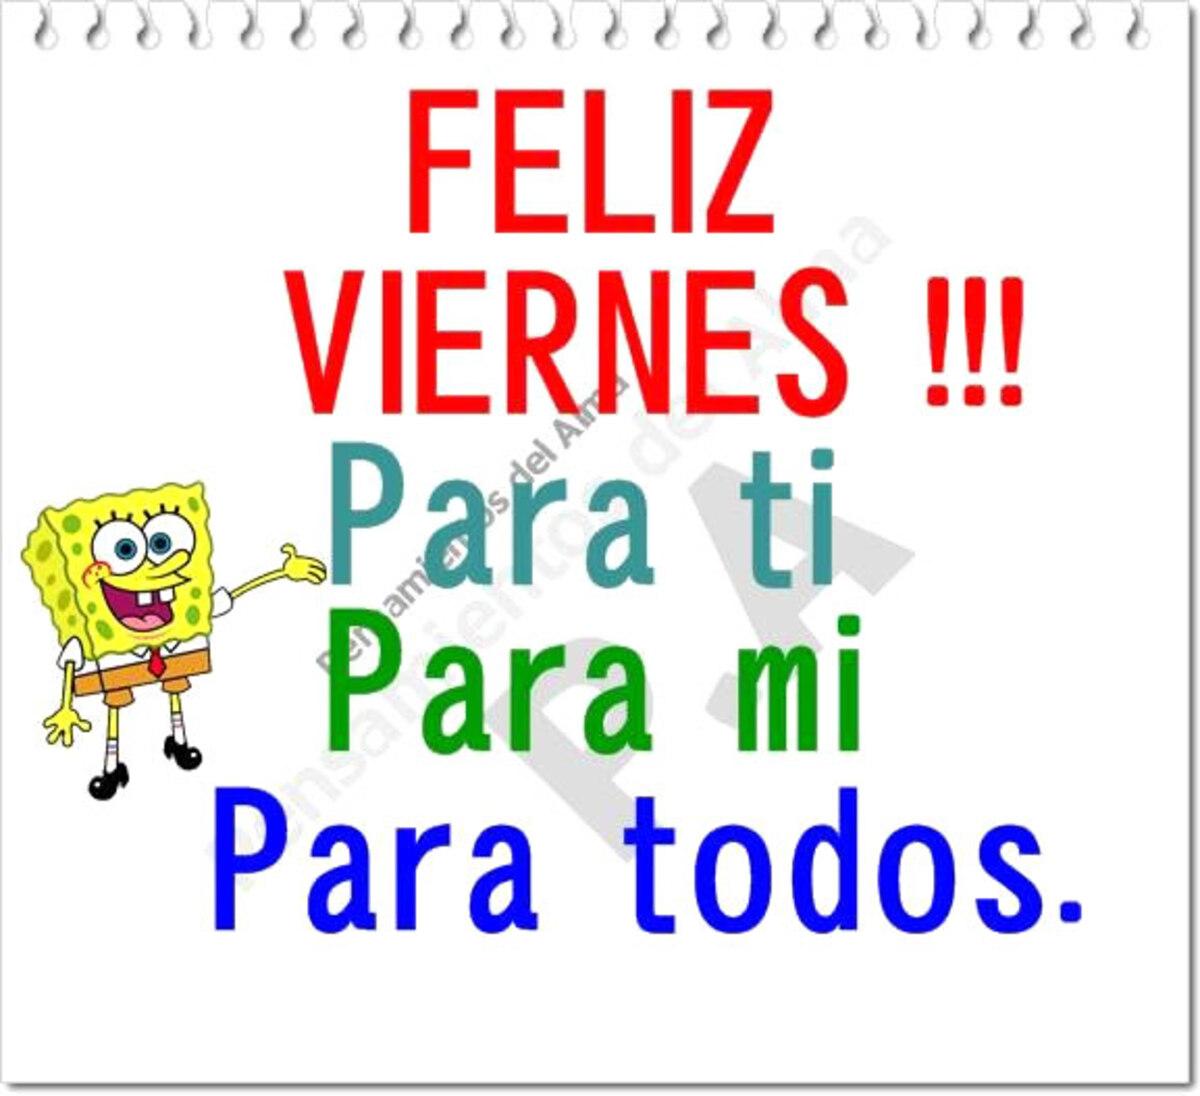 Feliz Viernes!!! Para ti, para mi, para todos